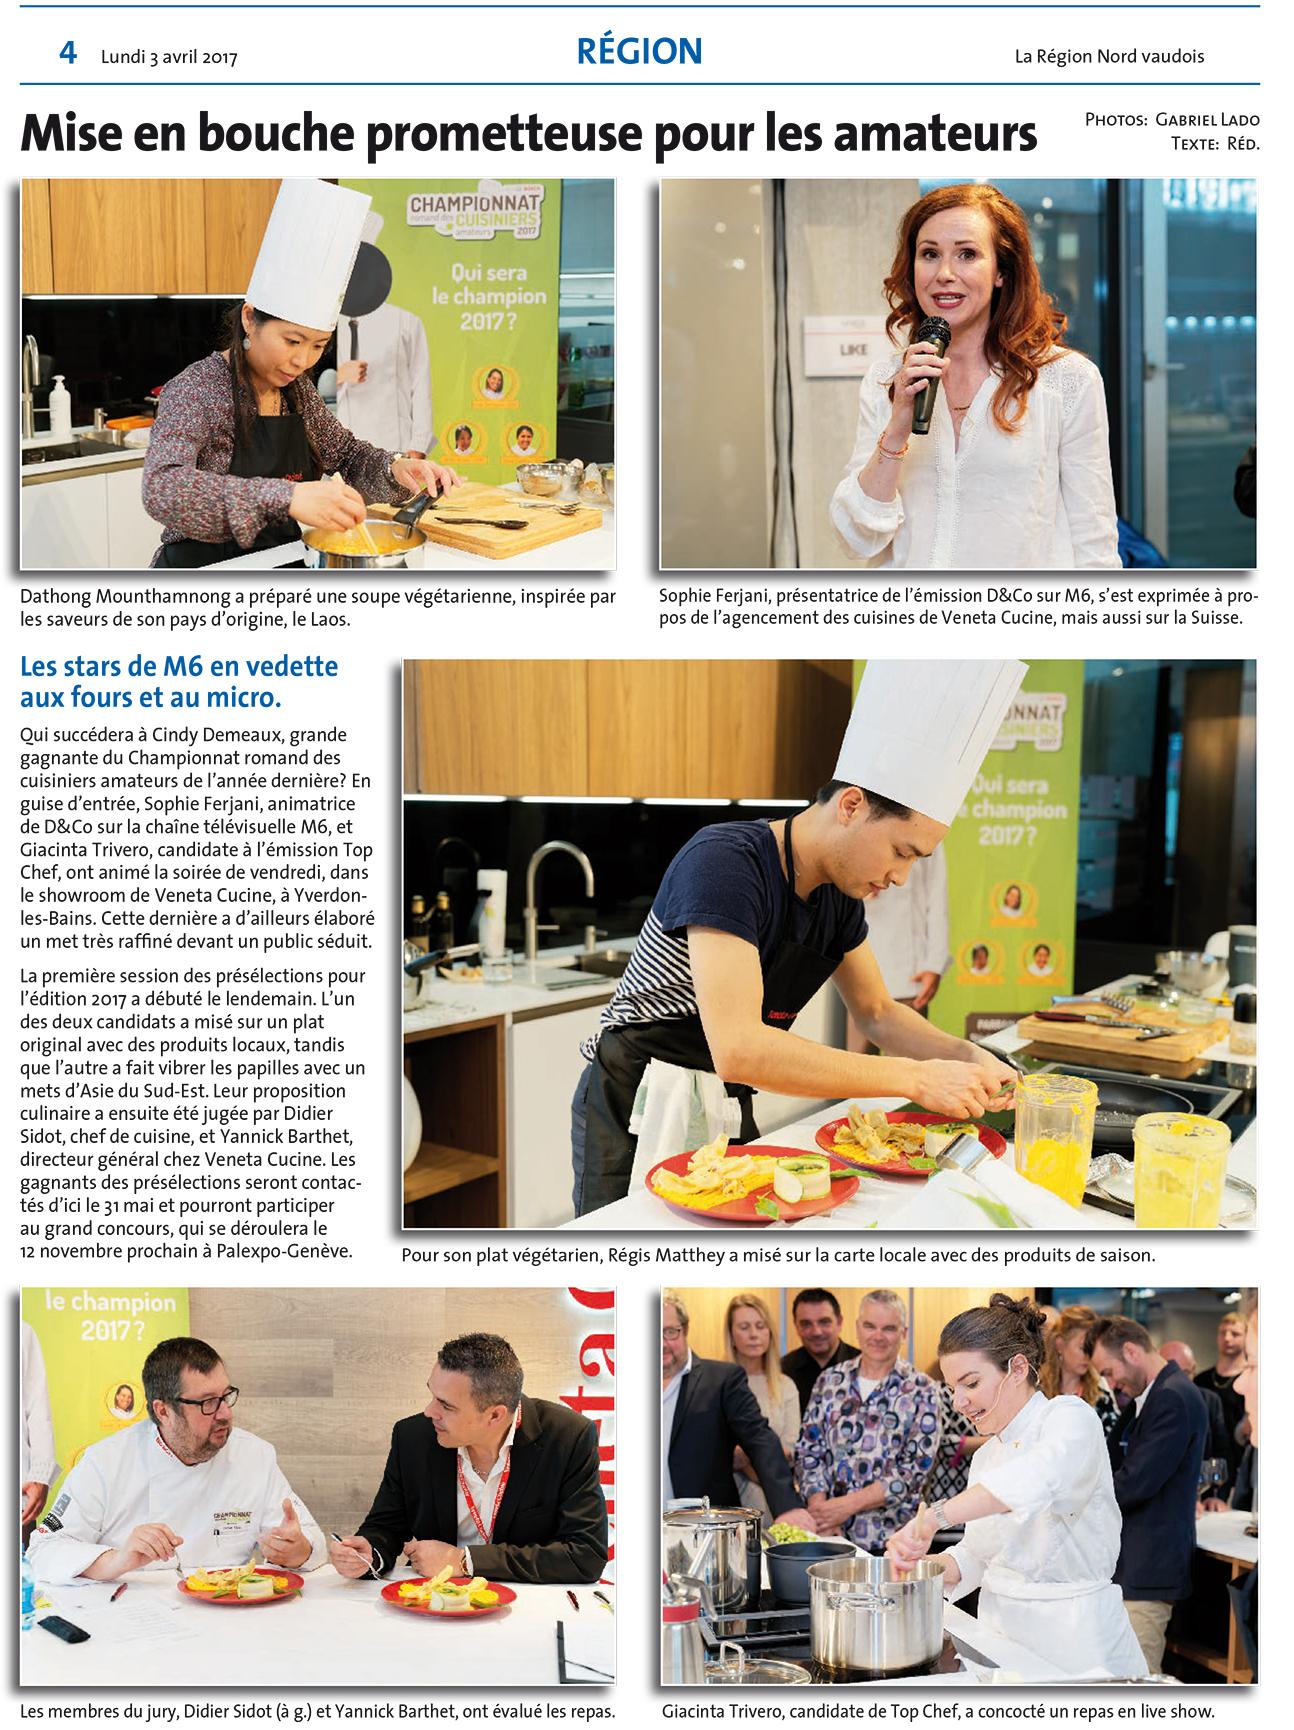 La r gion nord vaudois 03 avril 2017 veneta cucine l for Agencement cuisine yverdon